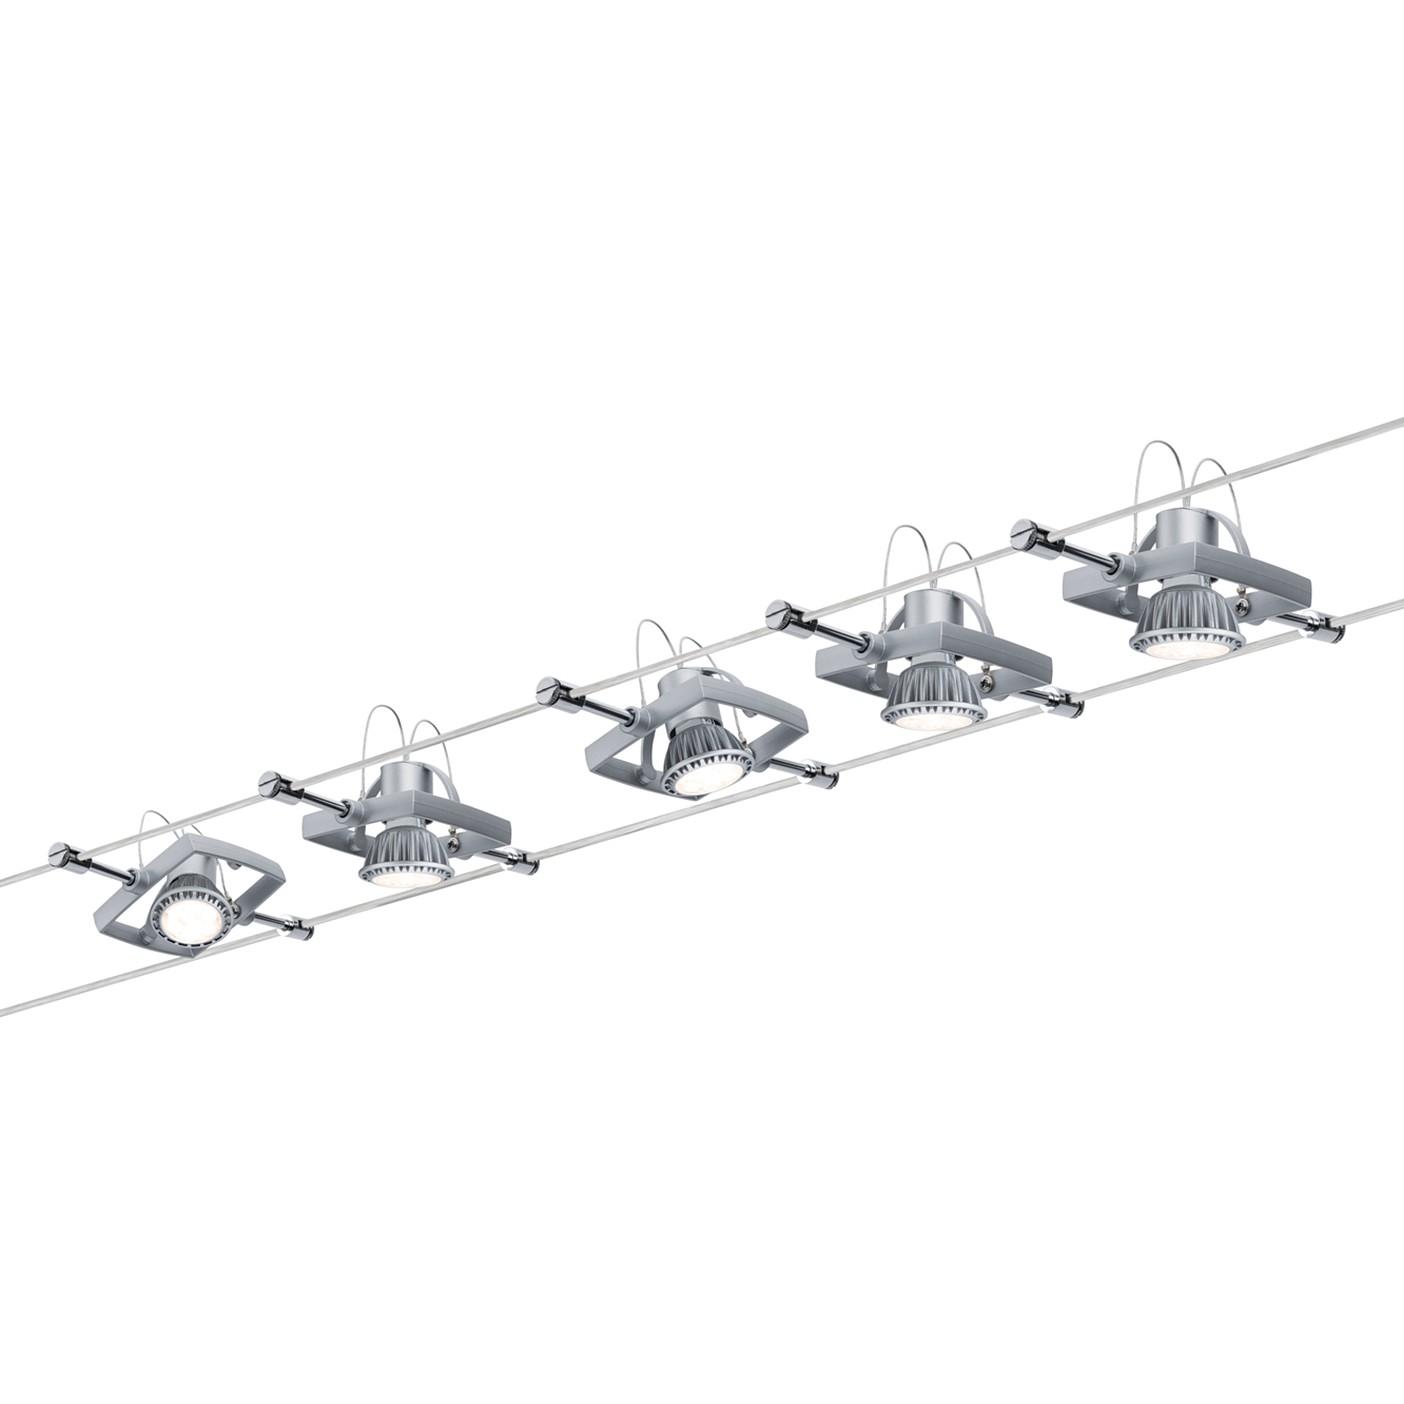 home24 Seilsystem Mac   Lampen > Strahler und Systeme > Seilsysteme